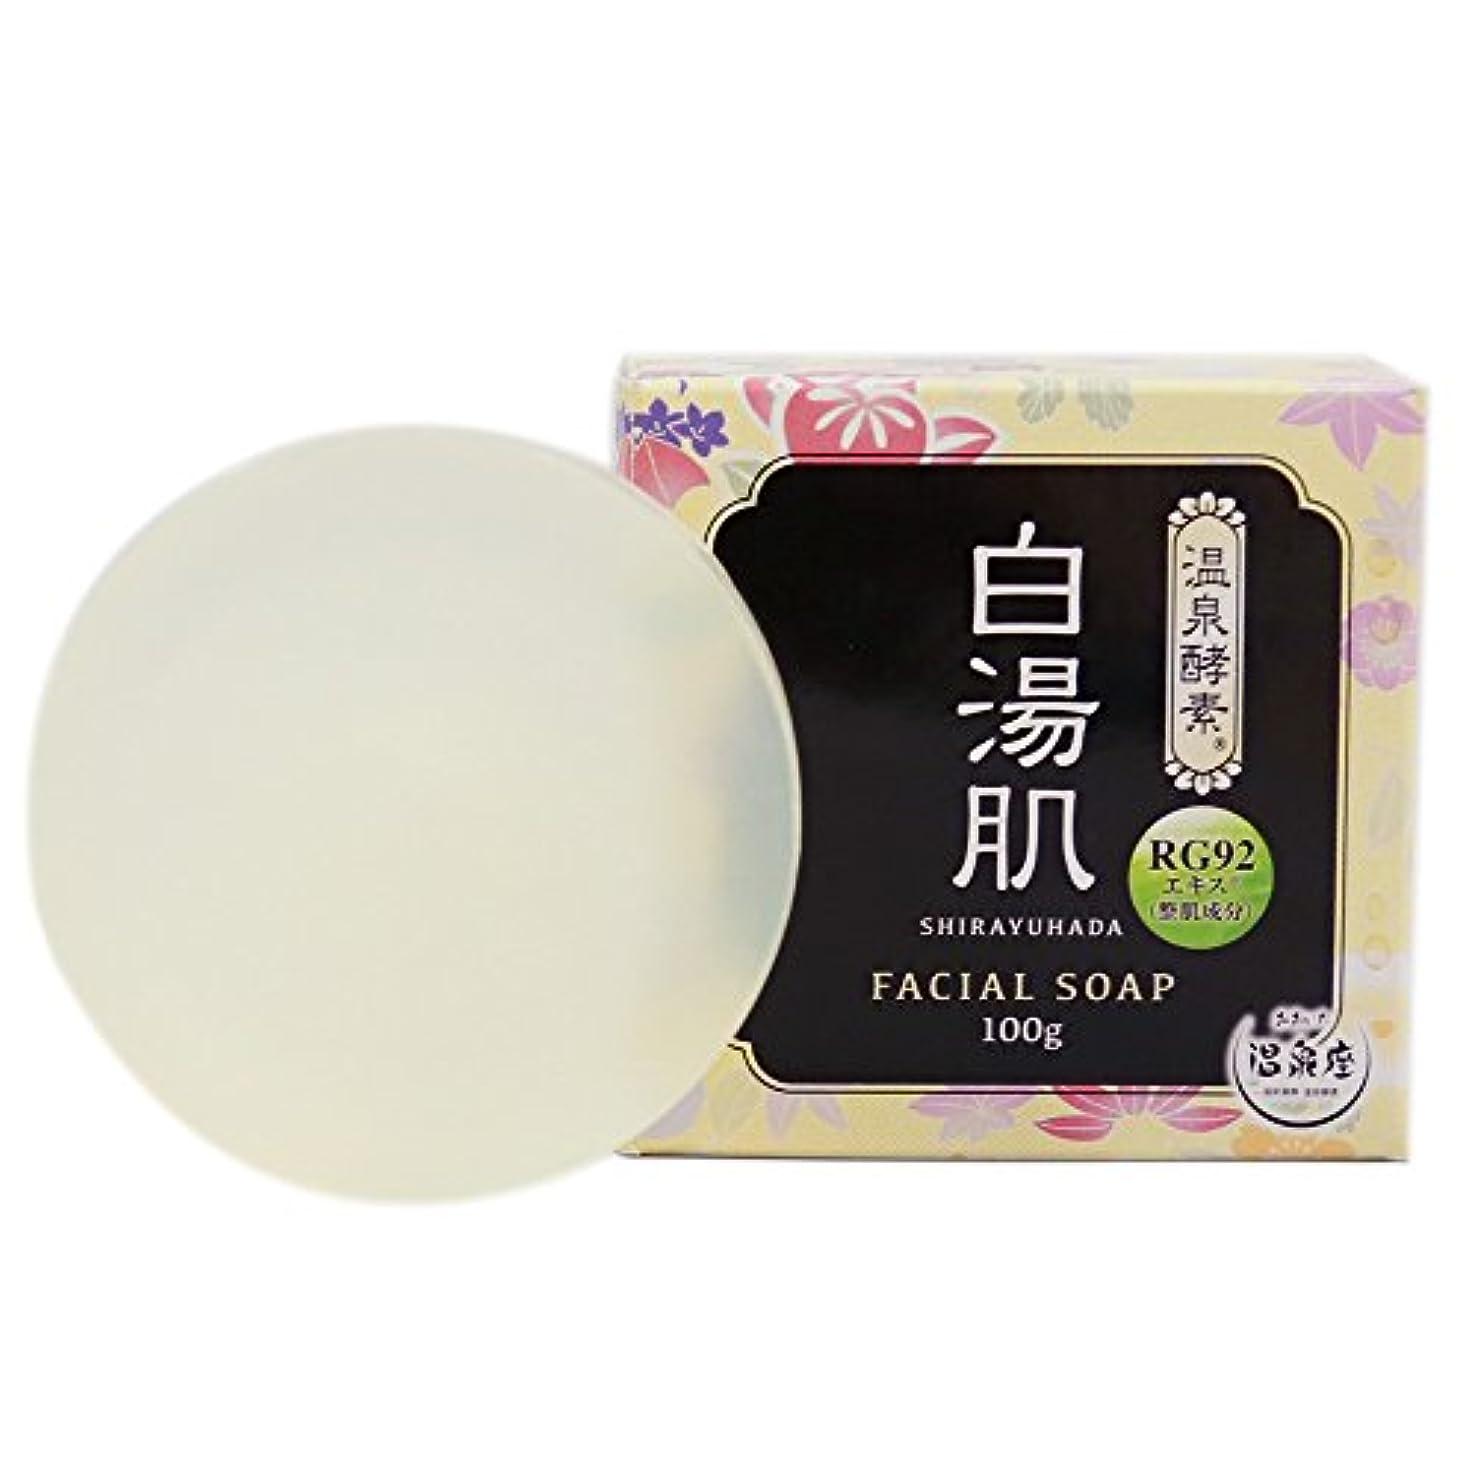 温泉酵素 白湯肌 洗顔せっけん 100g